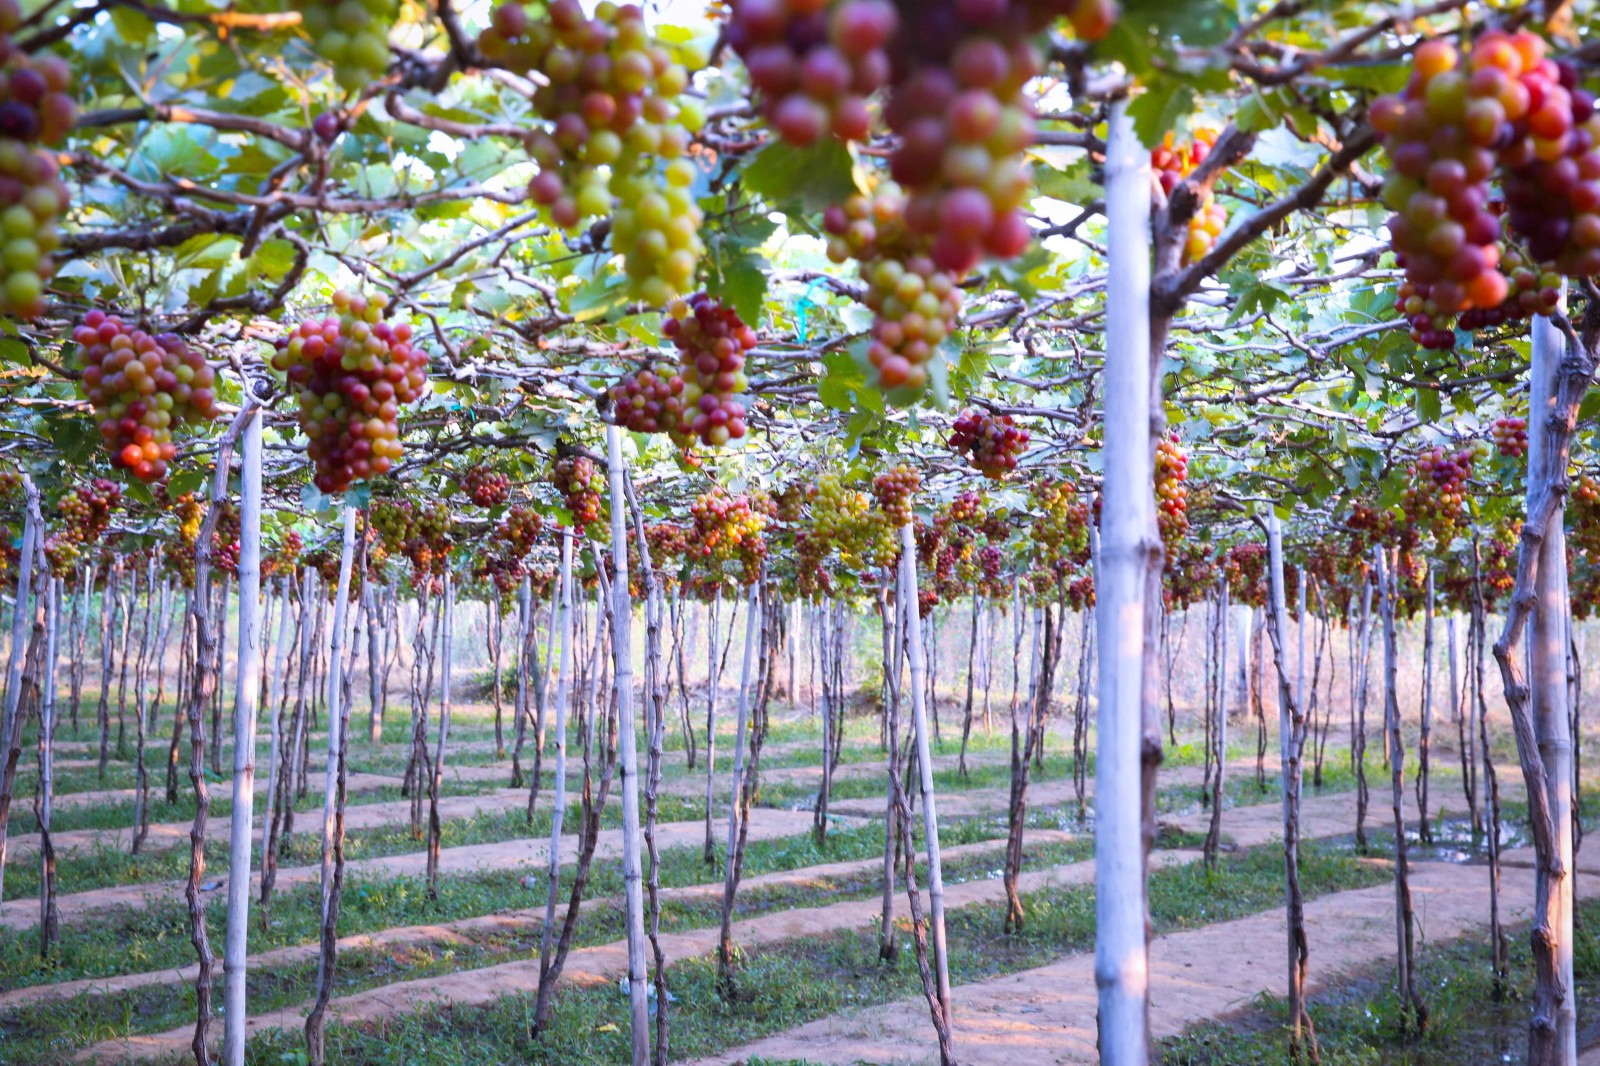 Nho trồng trên đất Ninh Thuận với đặc điểm thời tiết khô và nắng cho ra những chùm nho mọng nước, có vị ngọt nhẹ và từ lâu đã trở thành đặc sản nổi tiếng của vùng đất này.